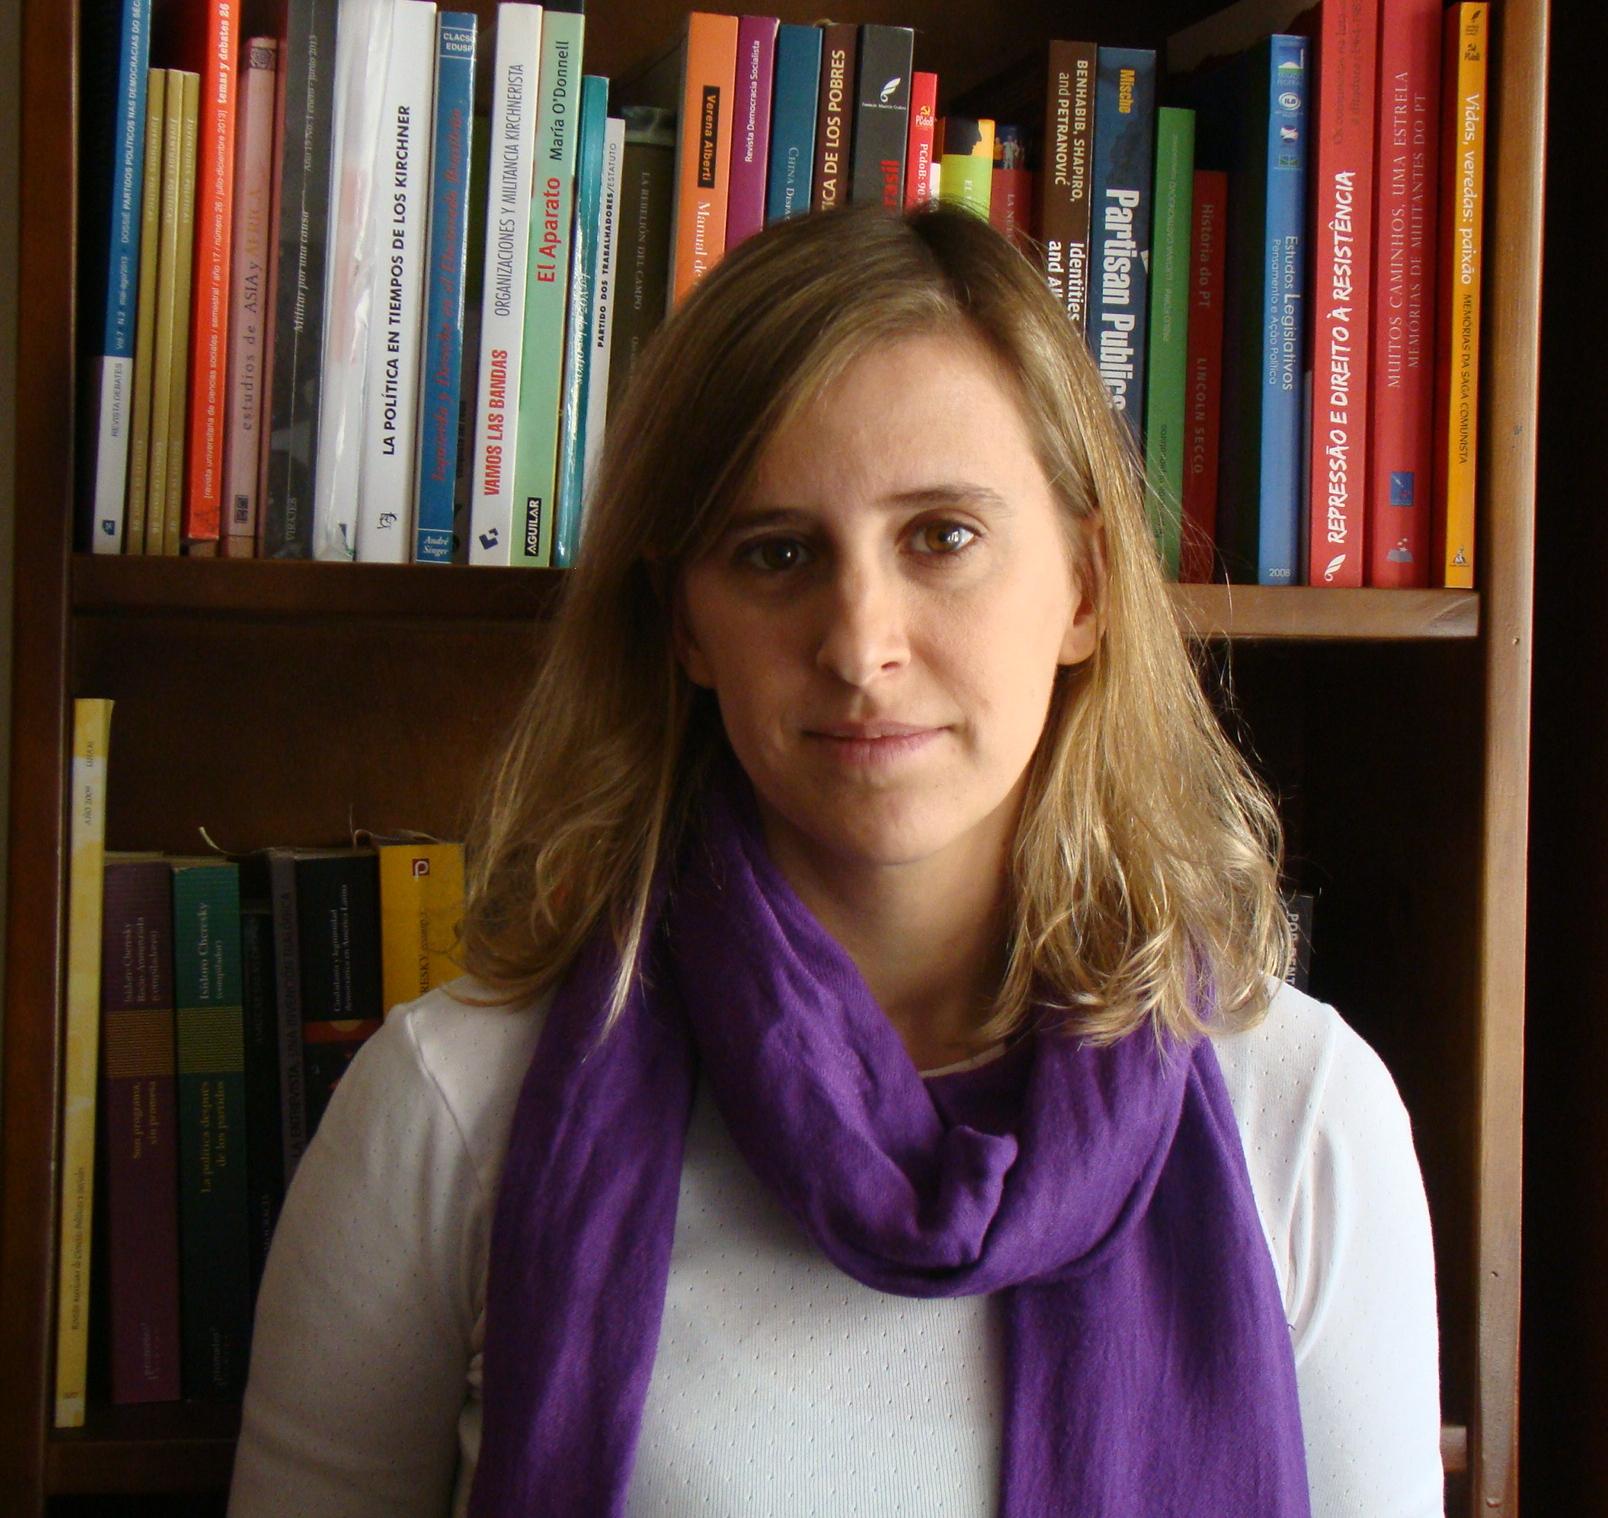 #HistoriasDeMilitantes: Dolores, docente y militante con compromiso y dedicación.